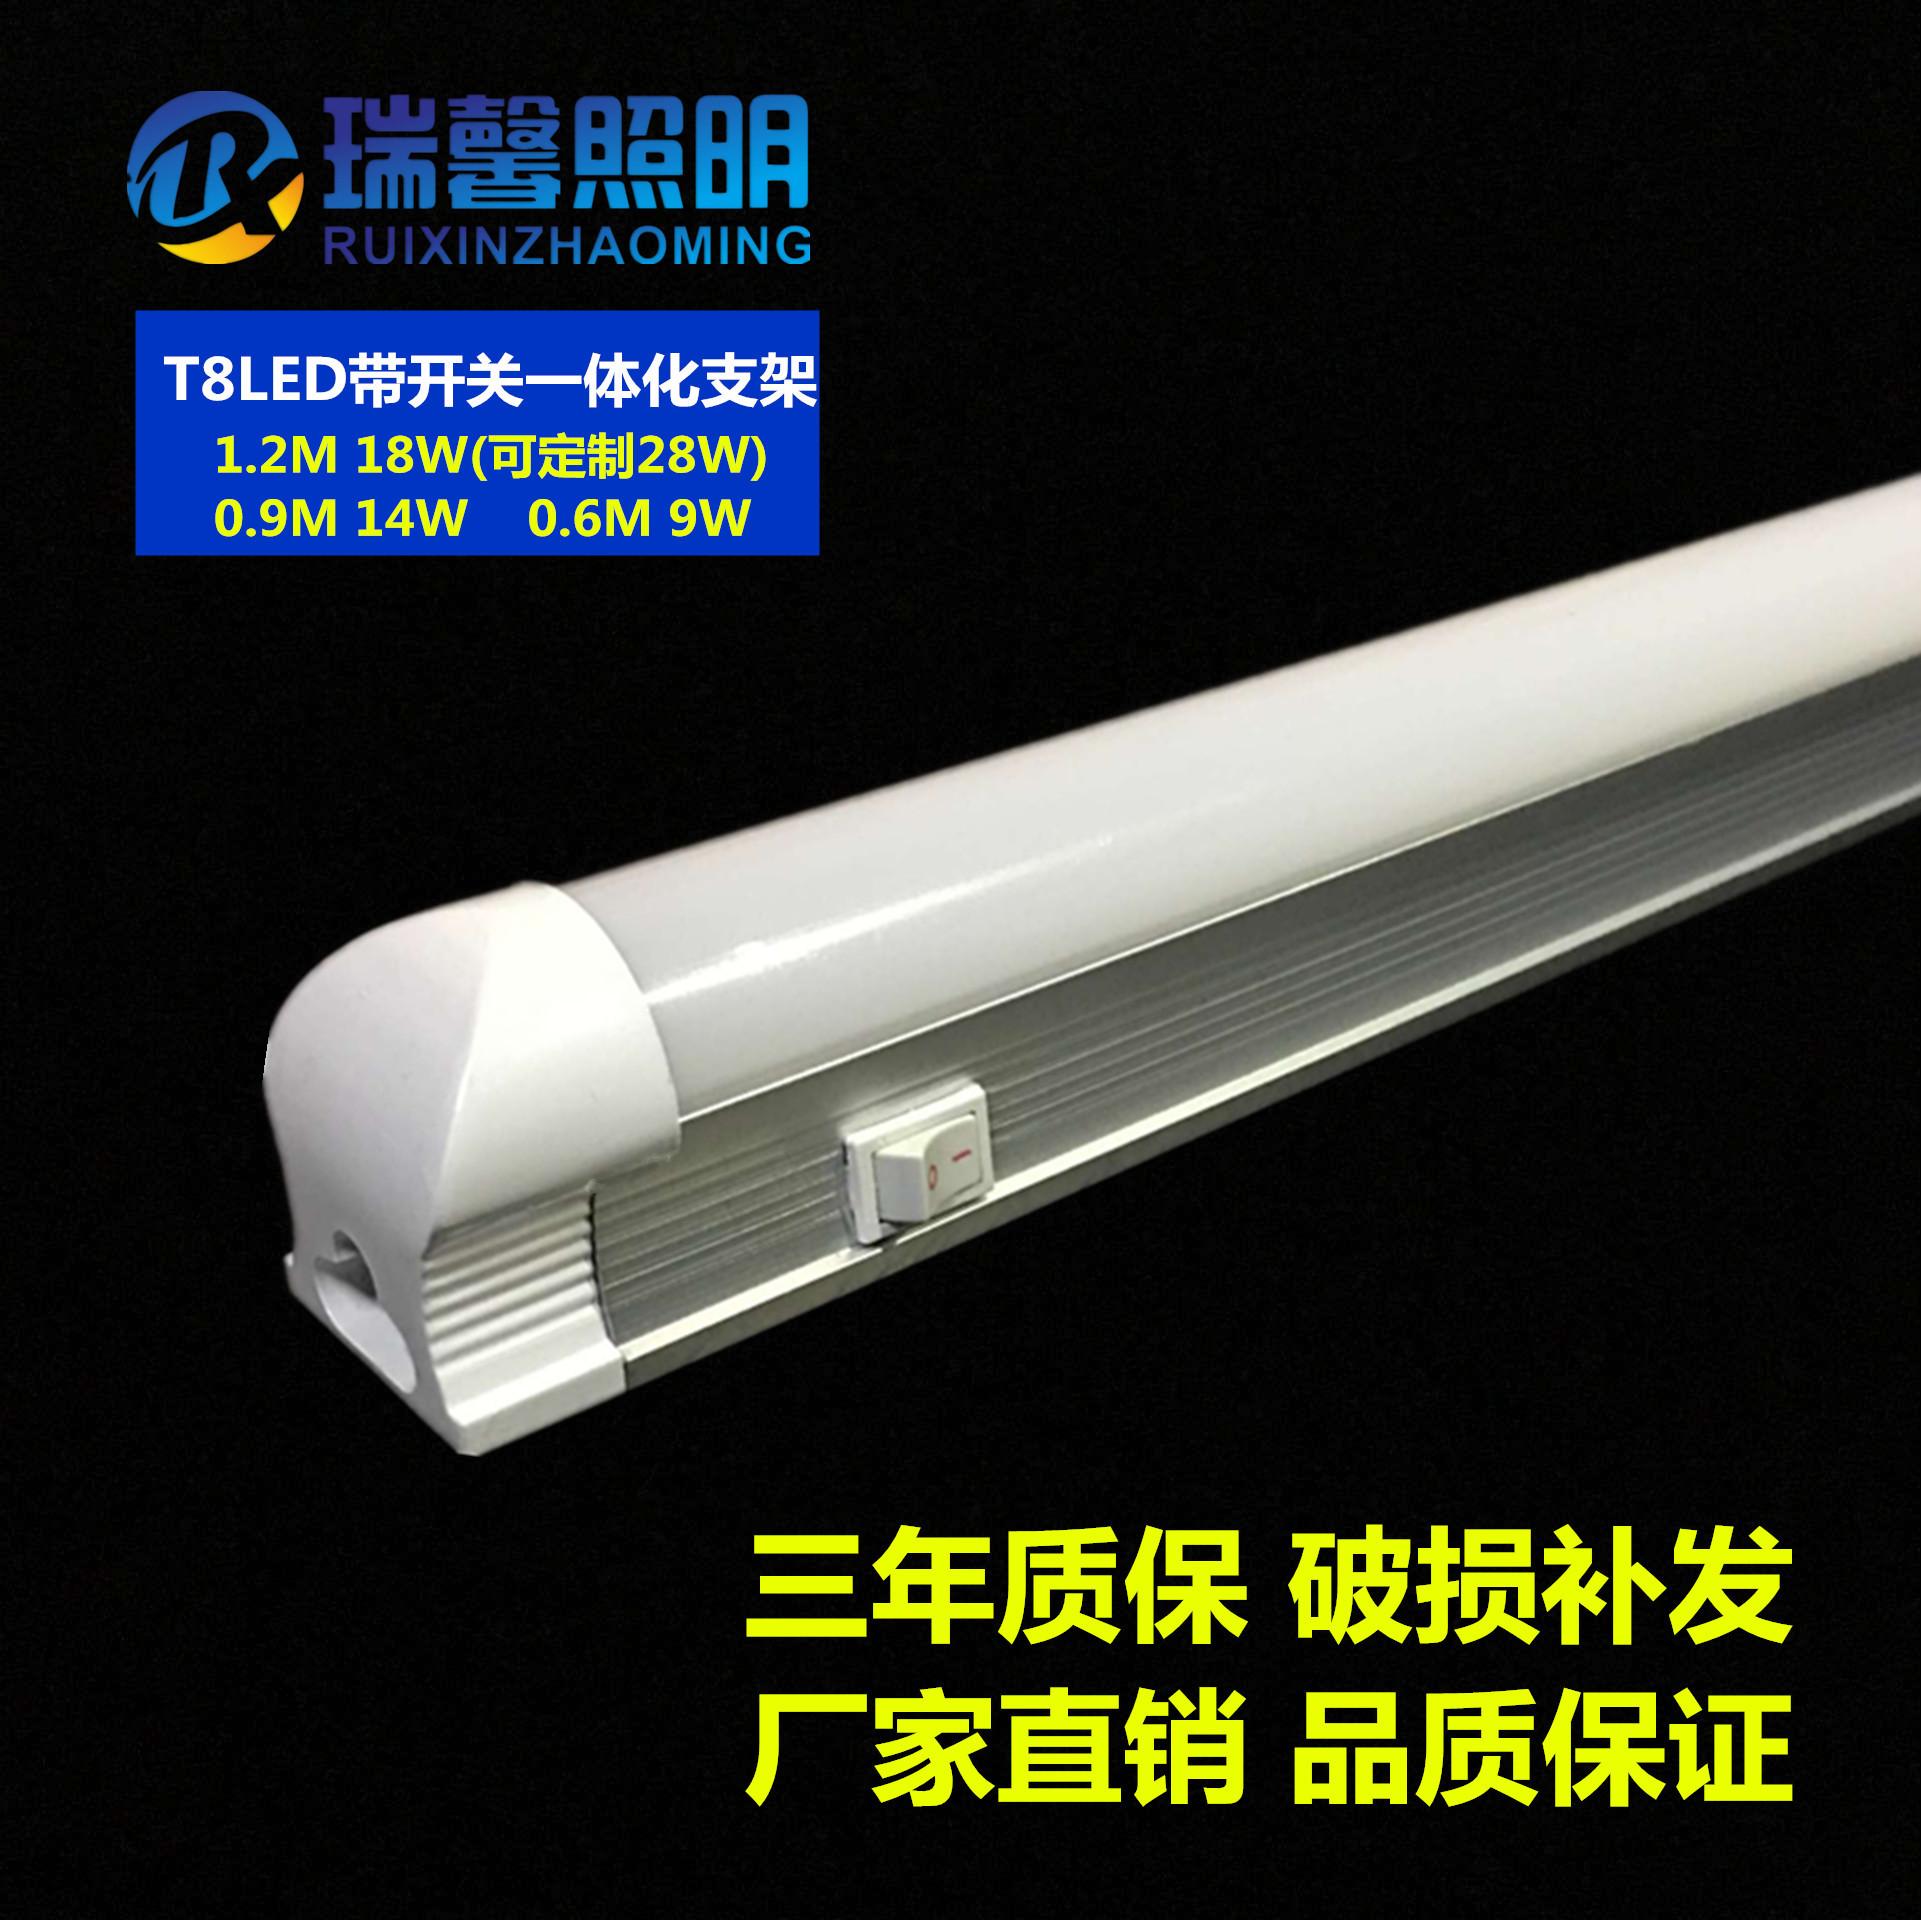 超亮led灯管T8LED一体化带开关日光灯宿舍小台灯流水线学生柜台灯